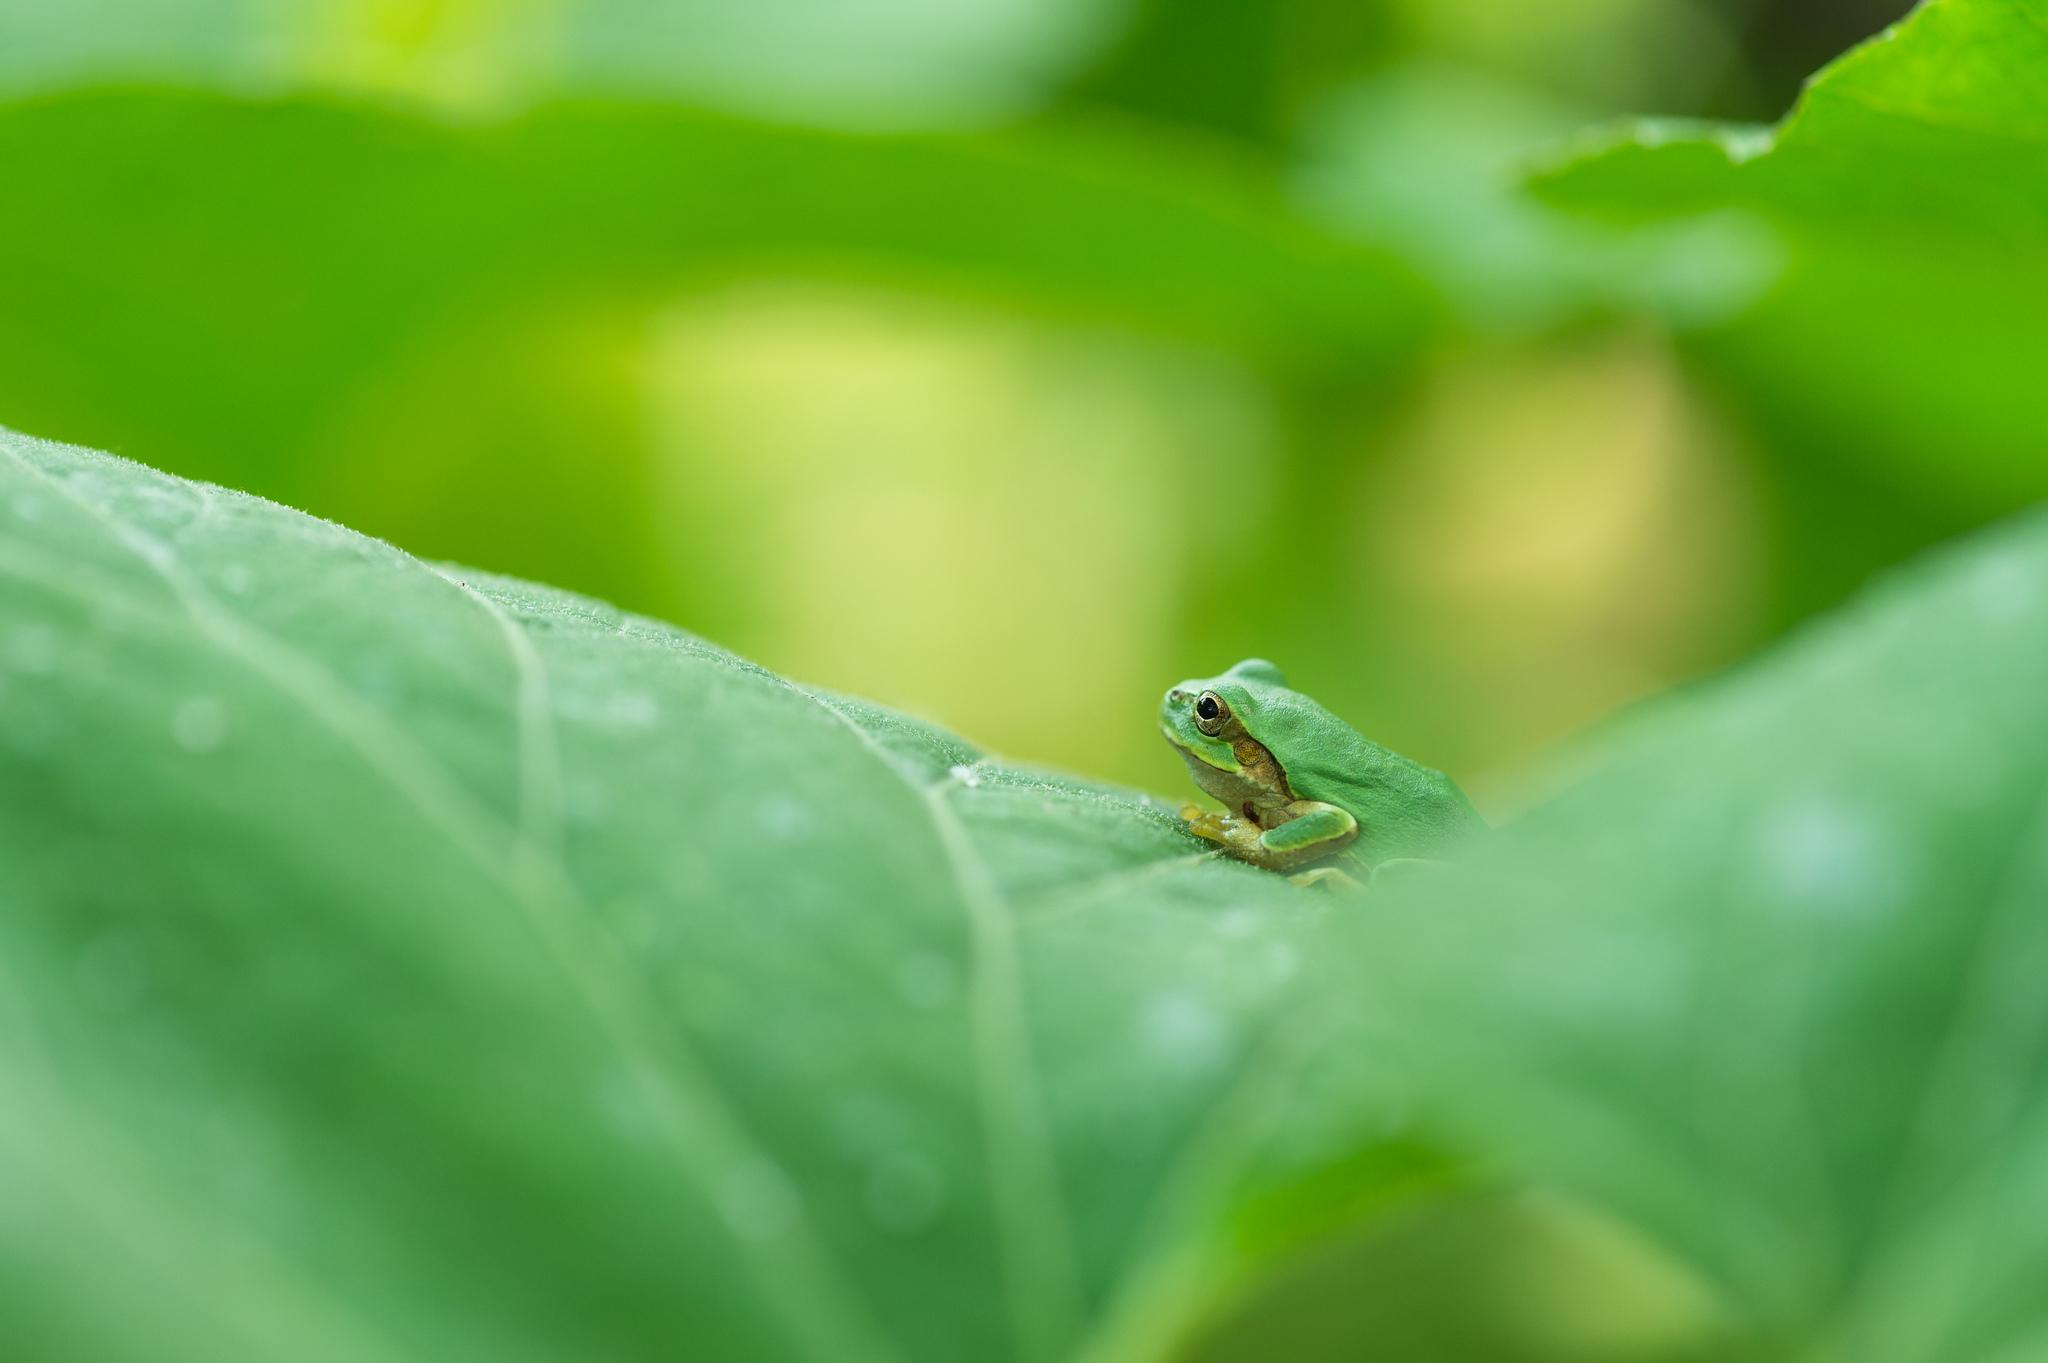 Лягушка листья  № 2931407 загрузить